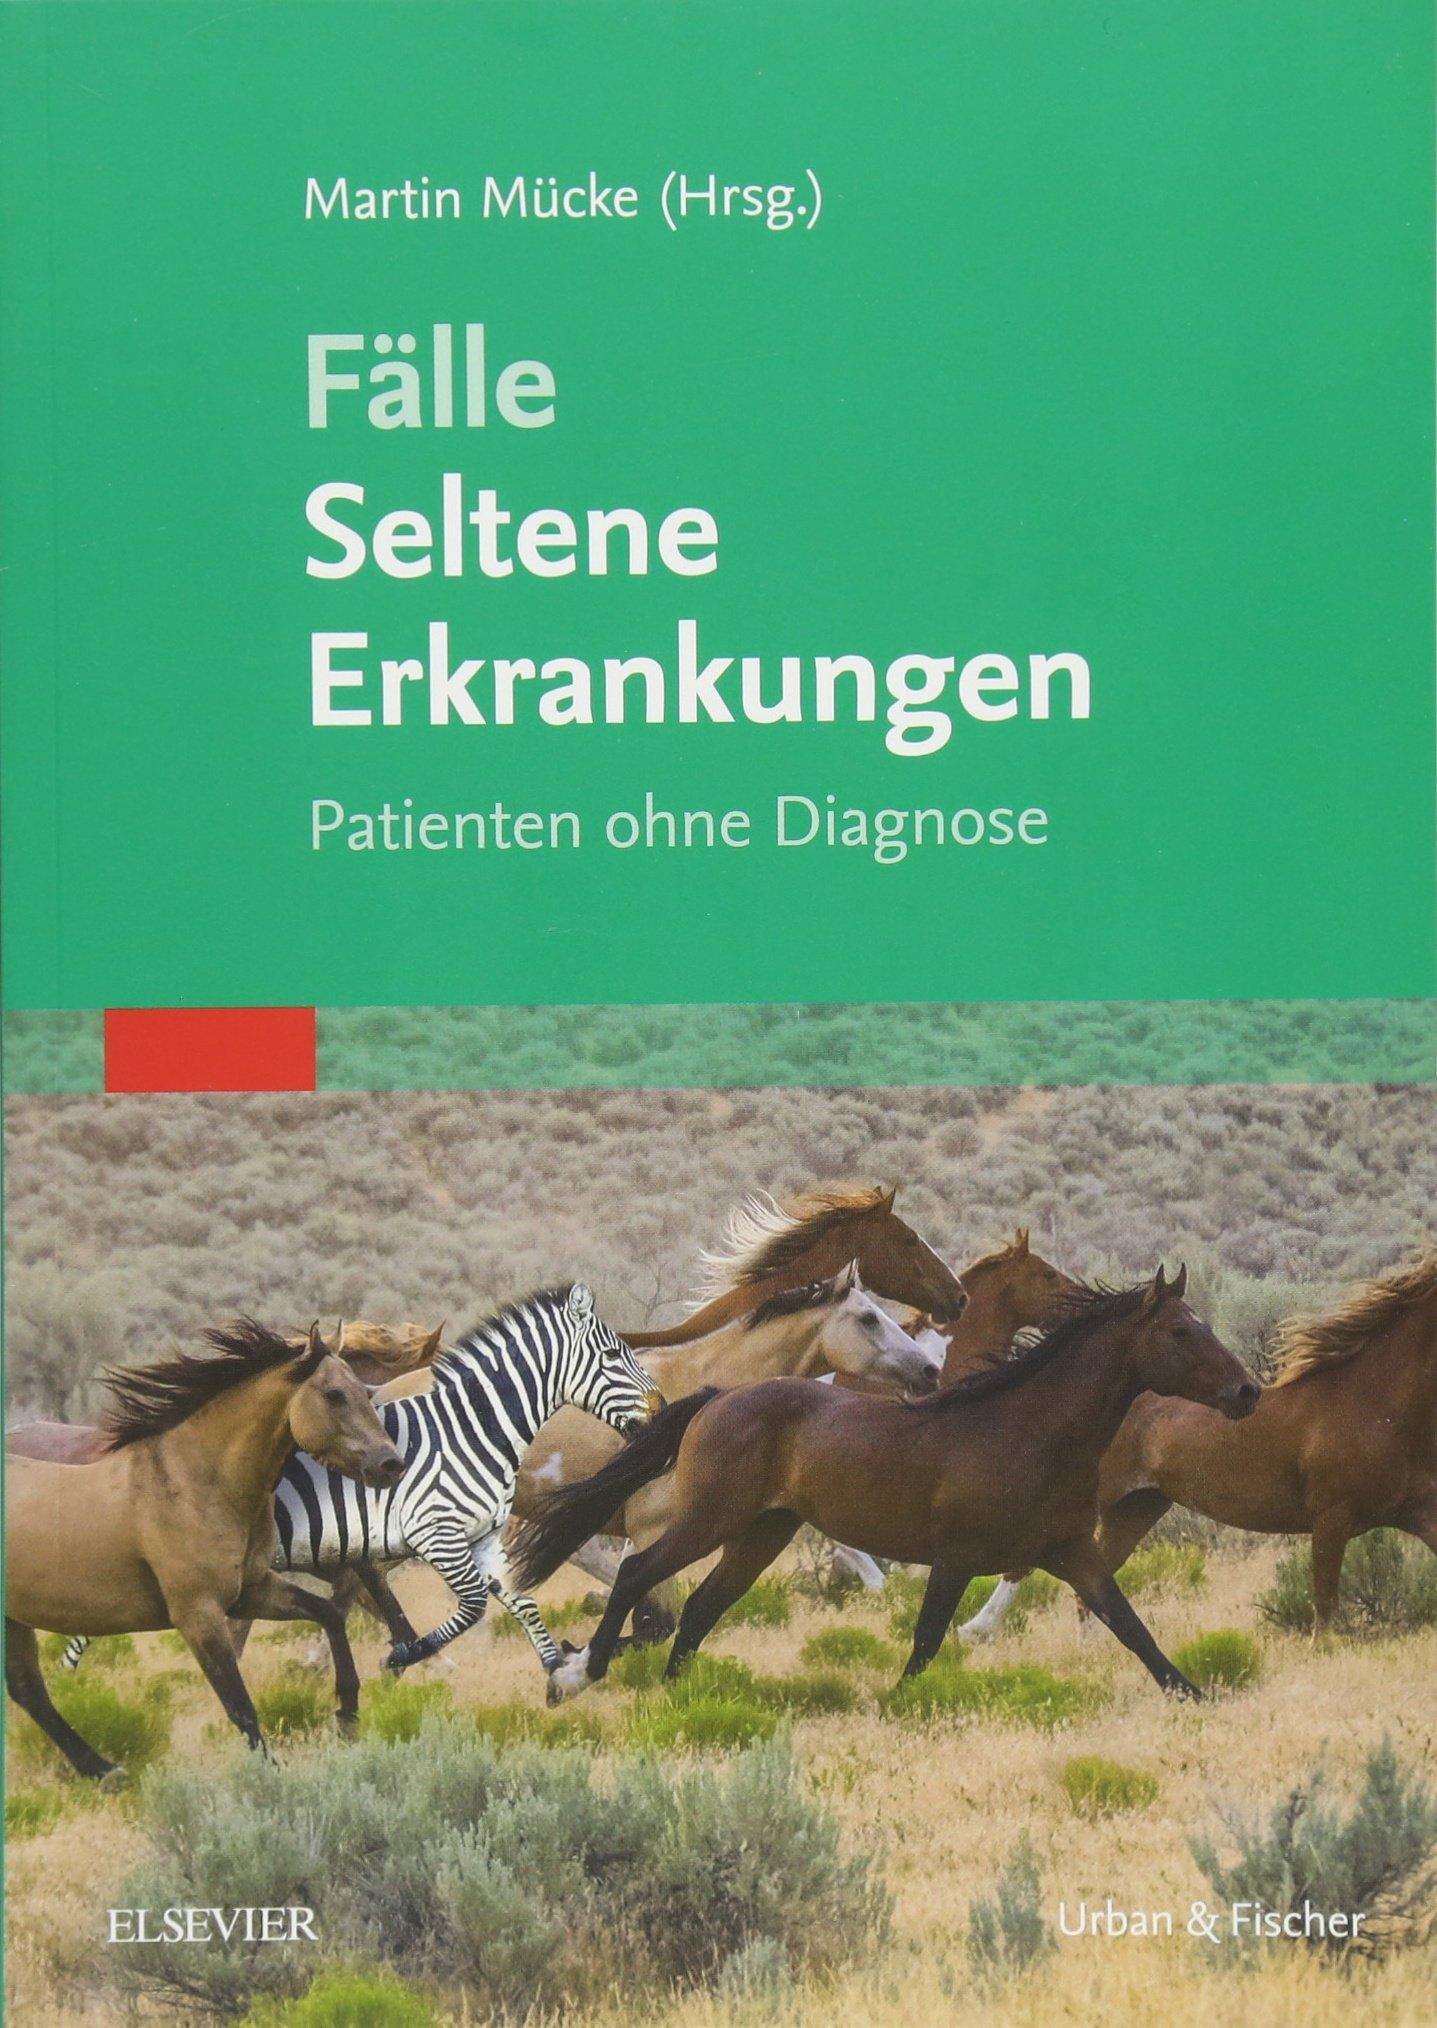 Fälle Seltene Erkrankungen: Patienten ohne Diagnose